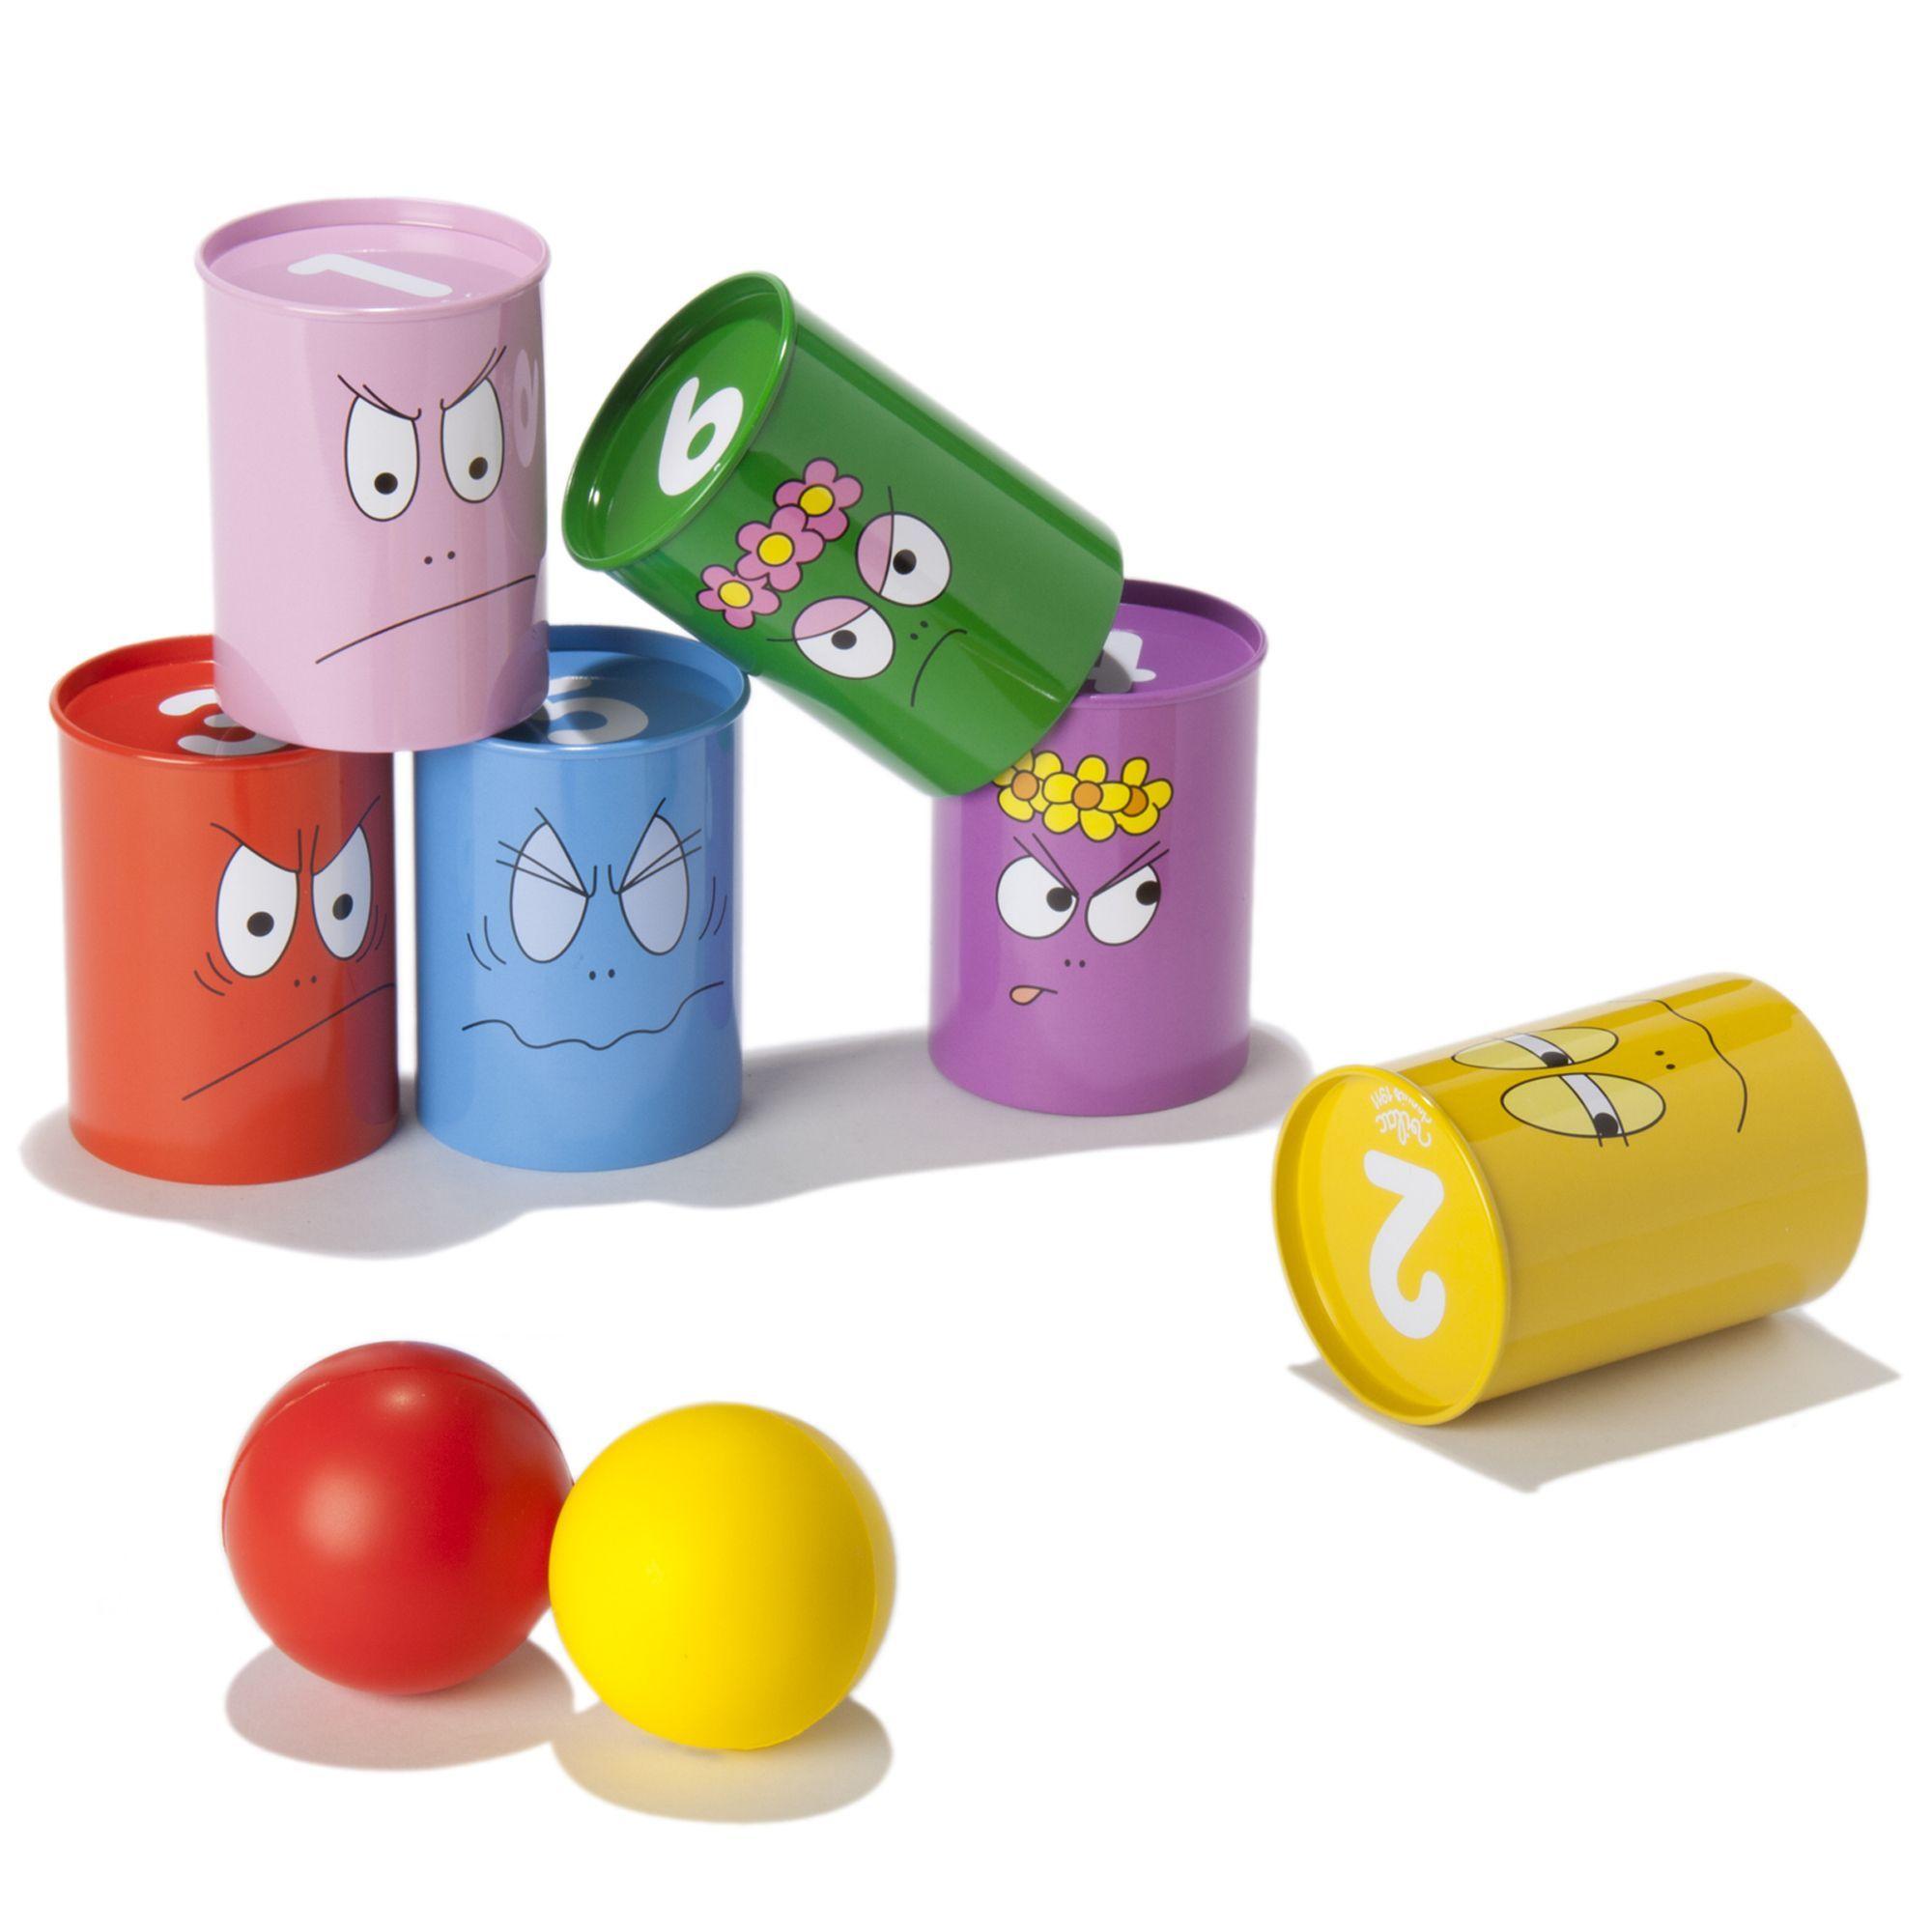 jeu de chamboule tout multicolore barbapapa jouets d. Black Bedroom Furniture Sets. Home Design Ideas